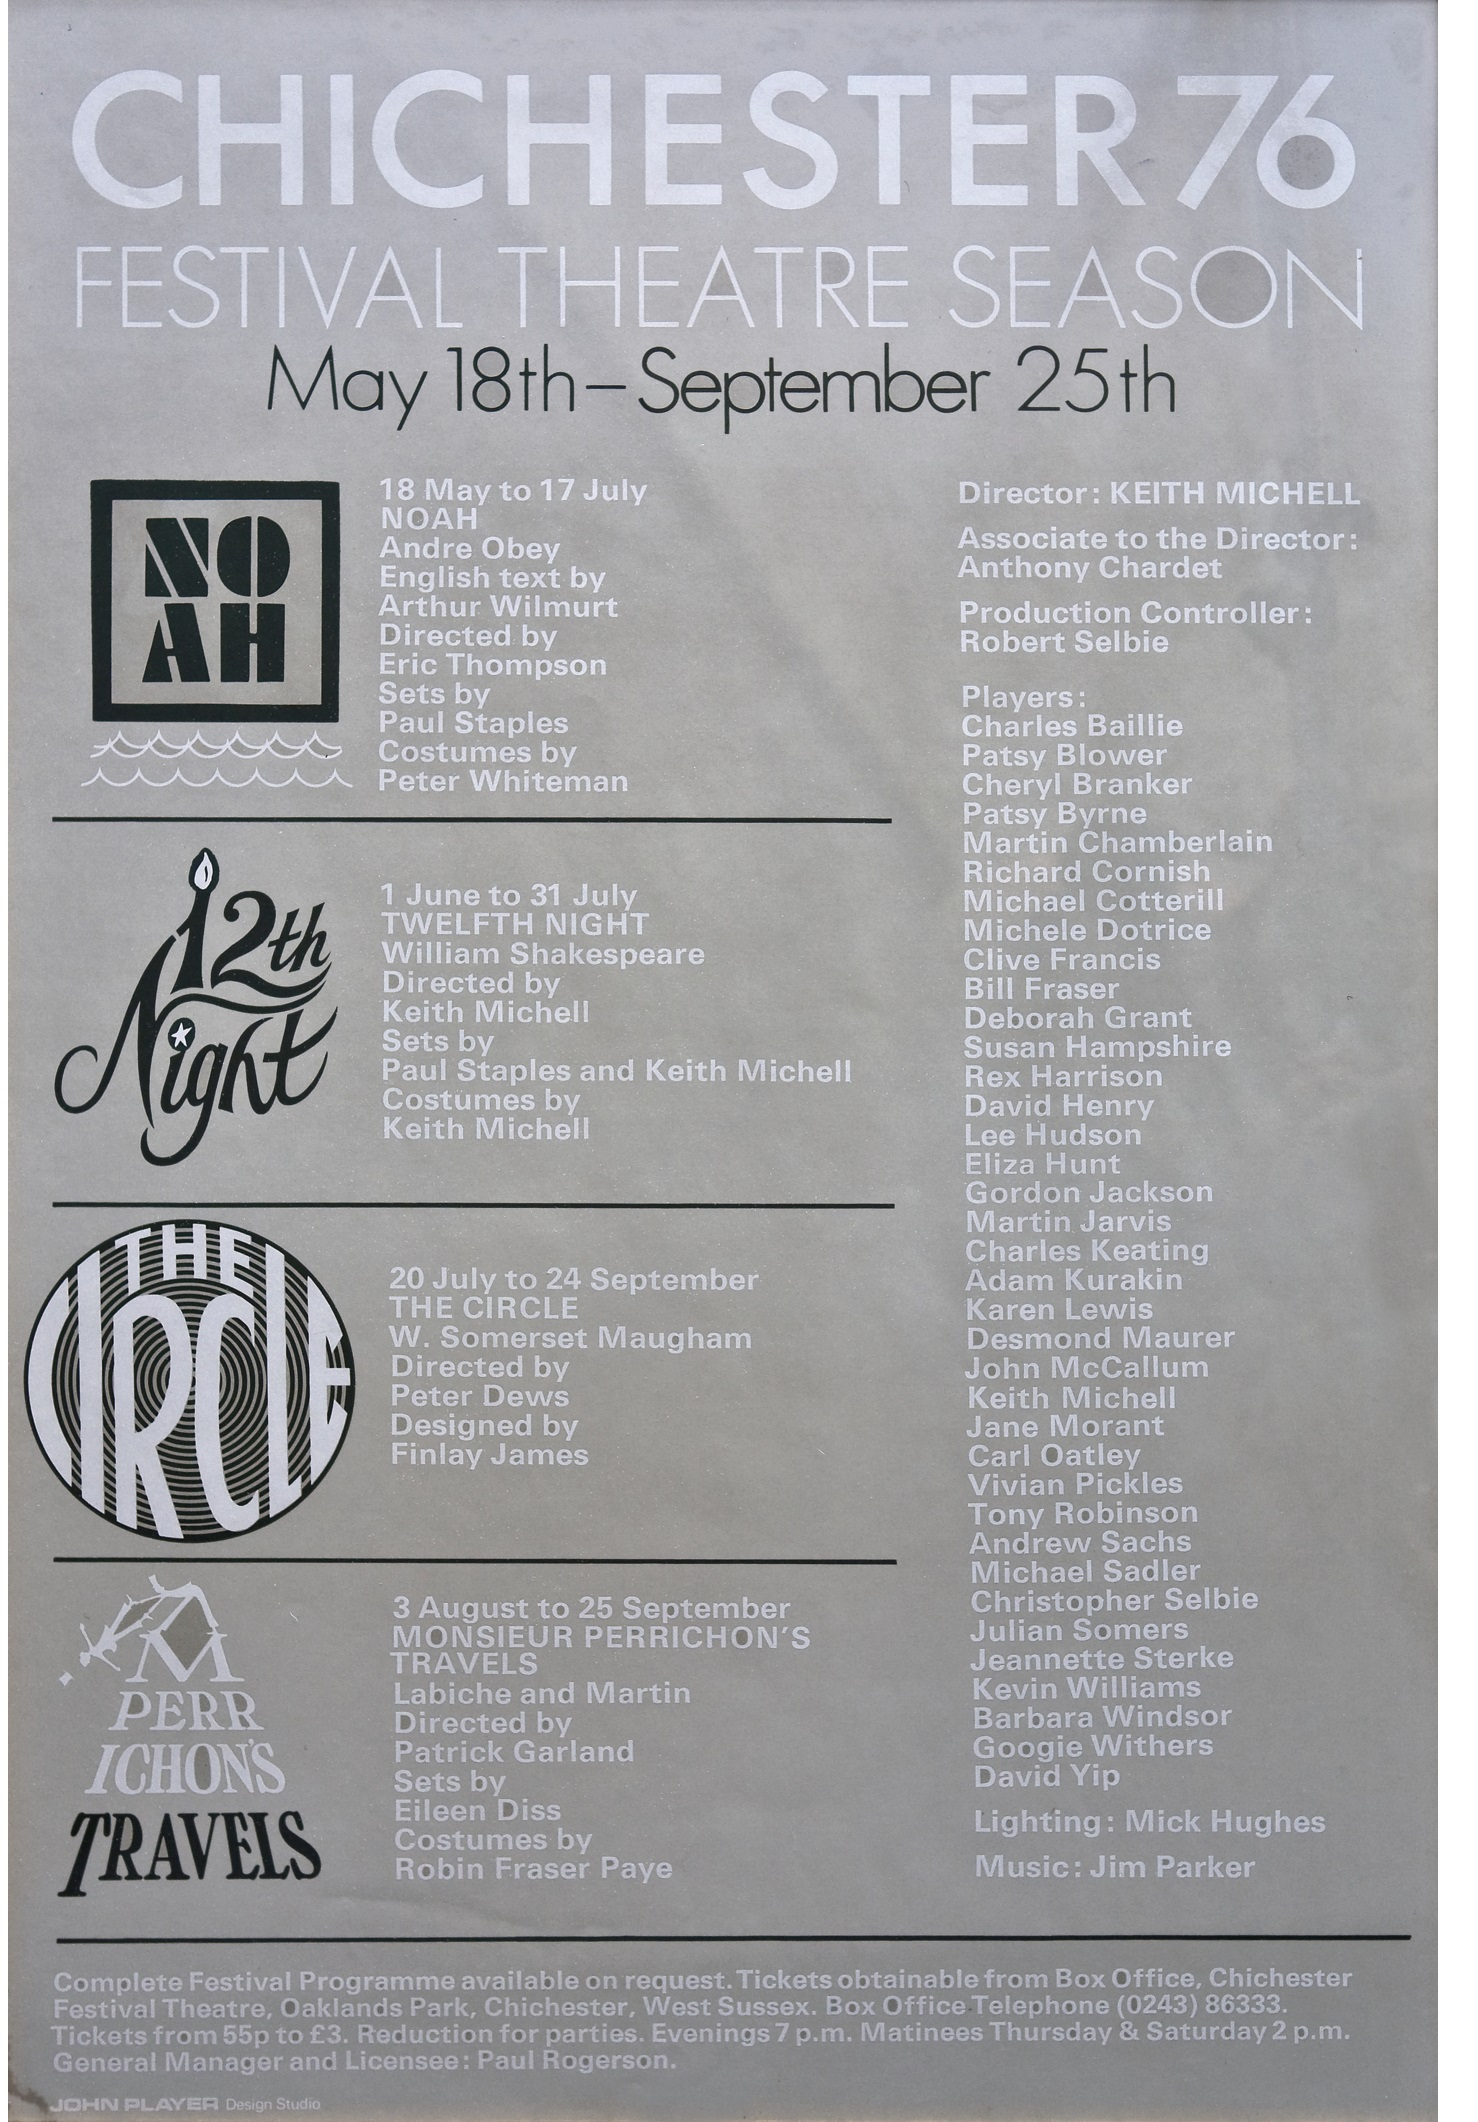 CFT 1976 Season Poster